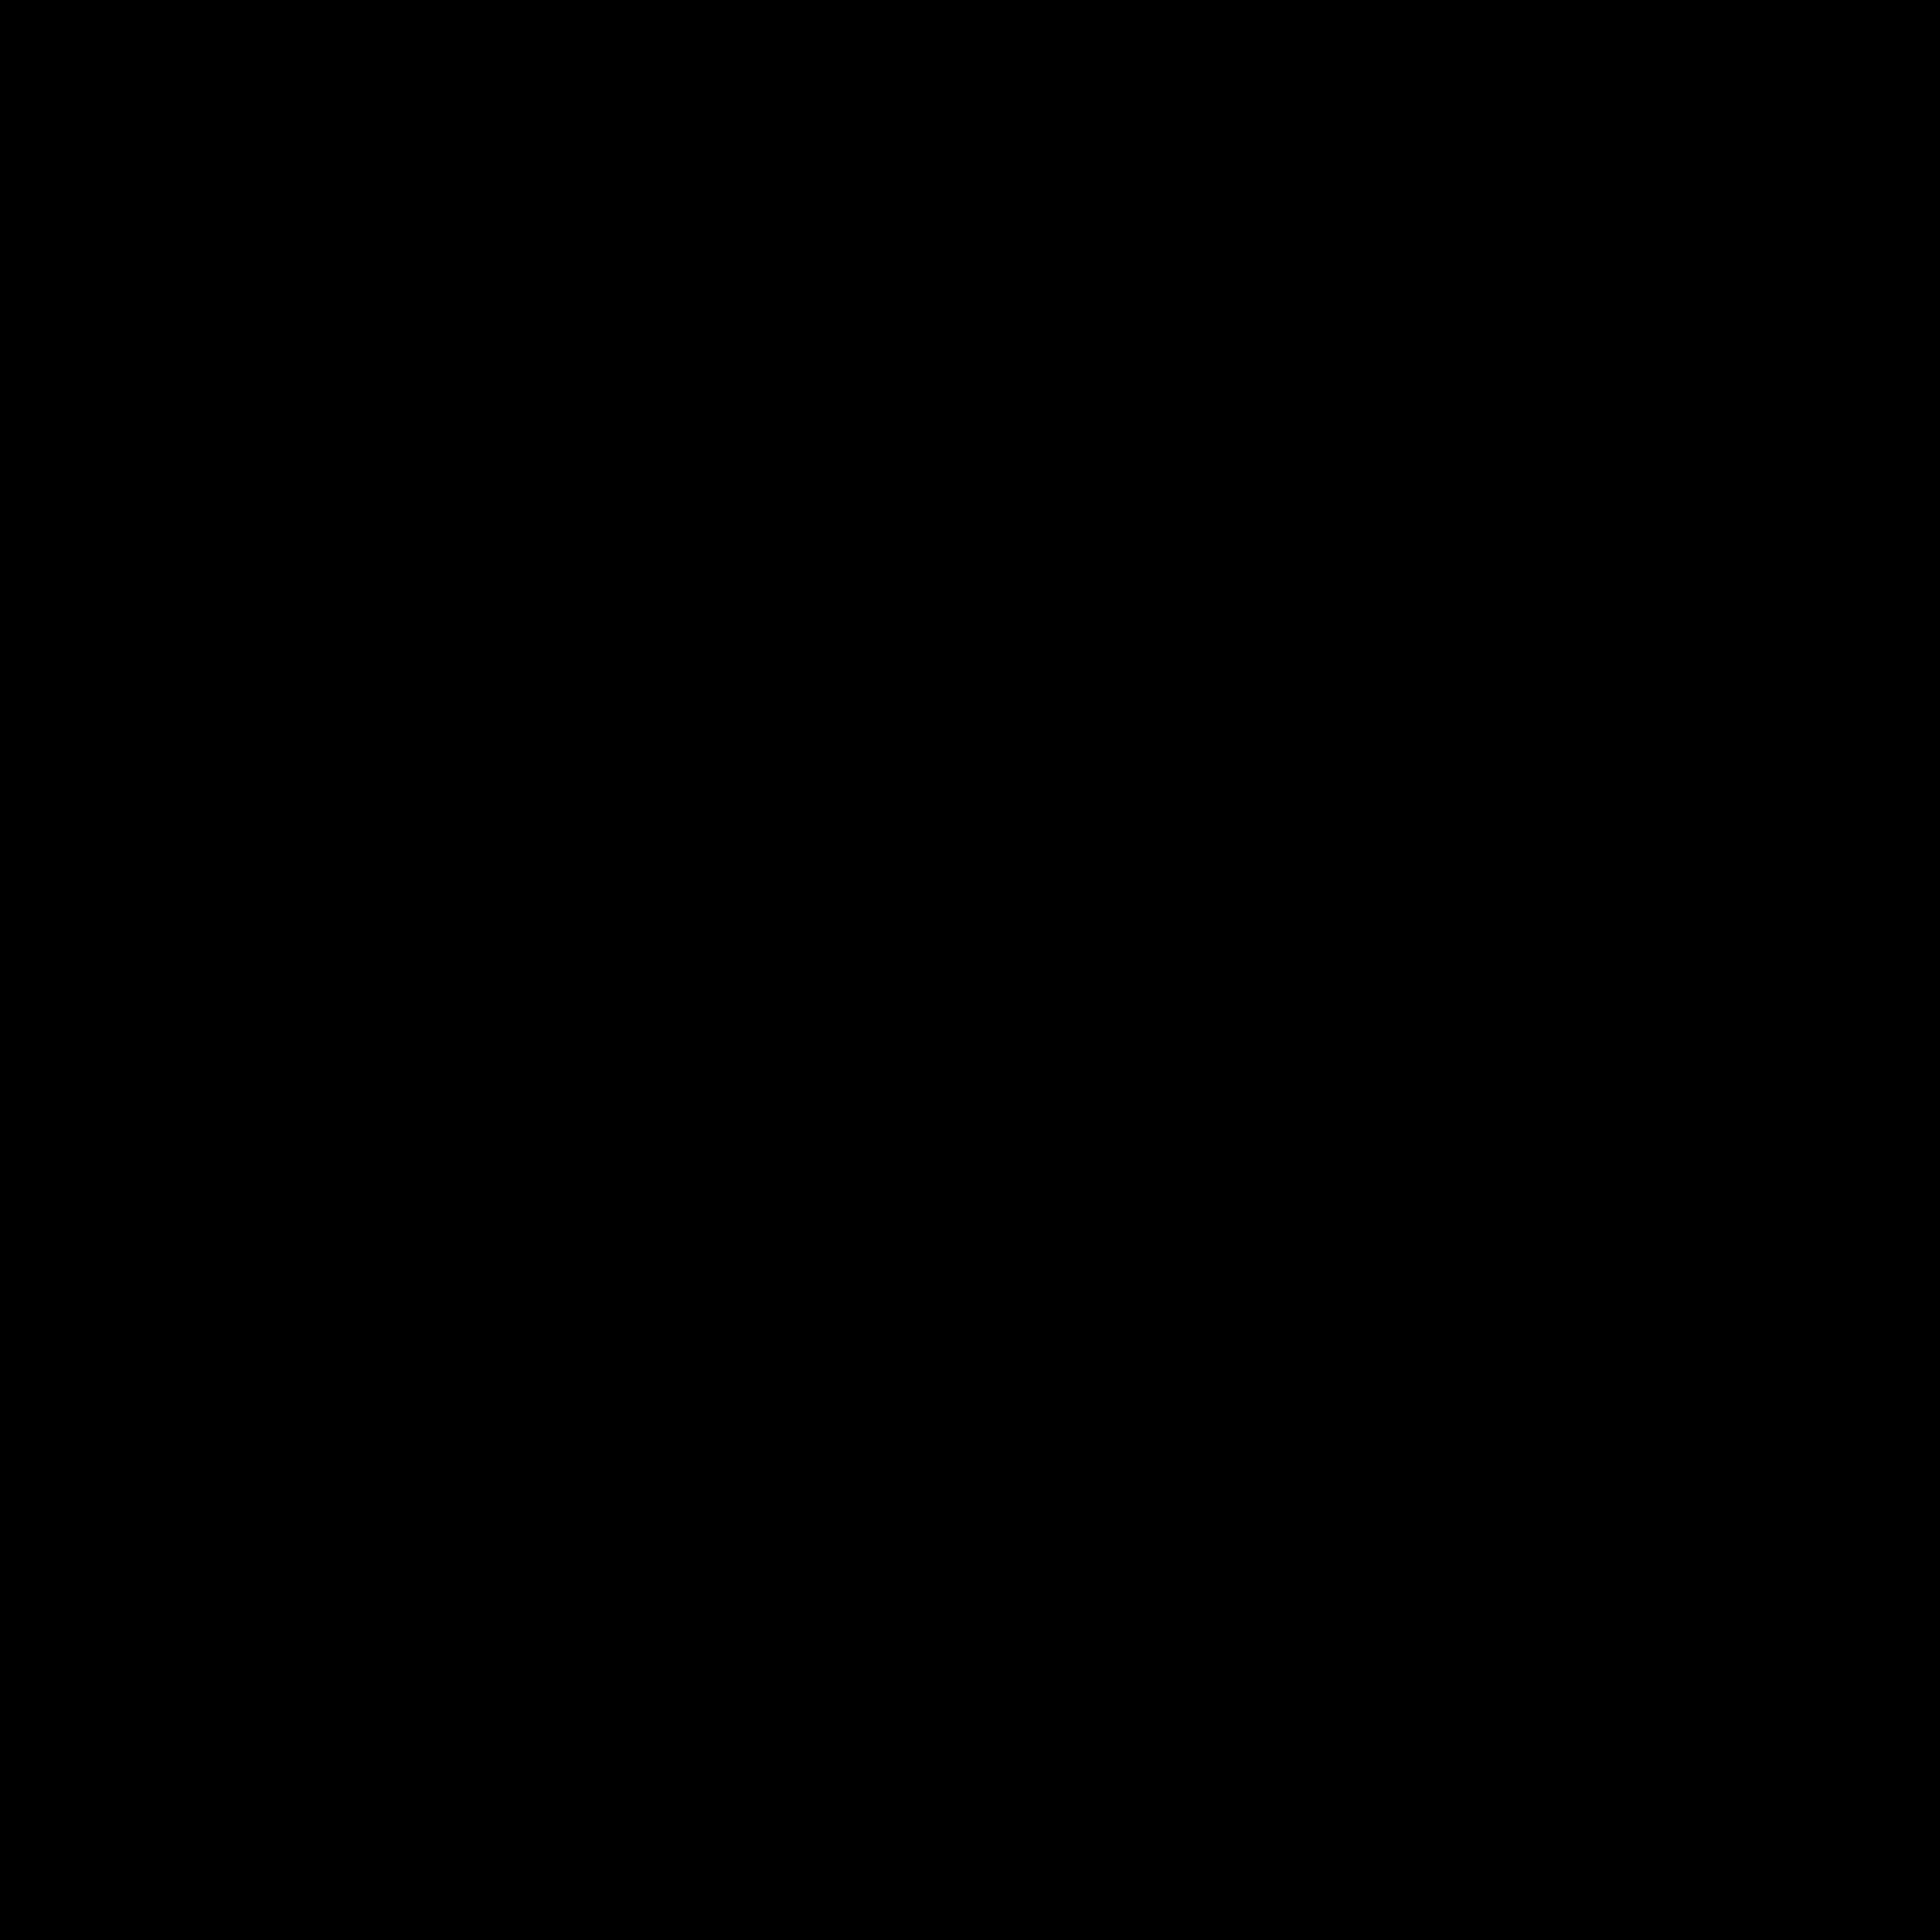 pat-obrien-logo